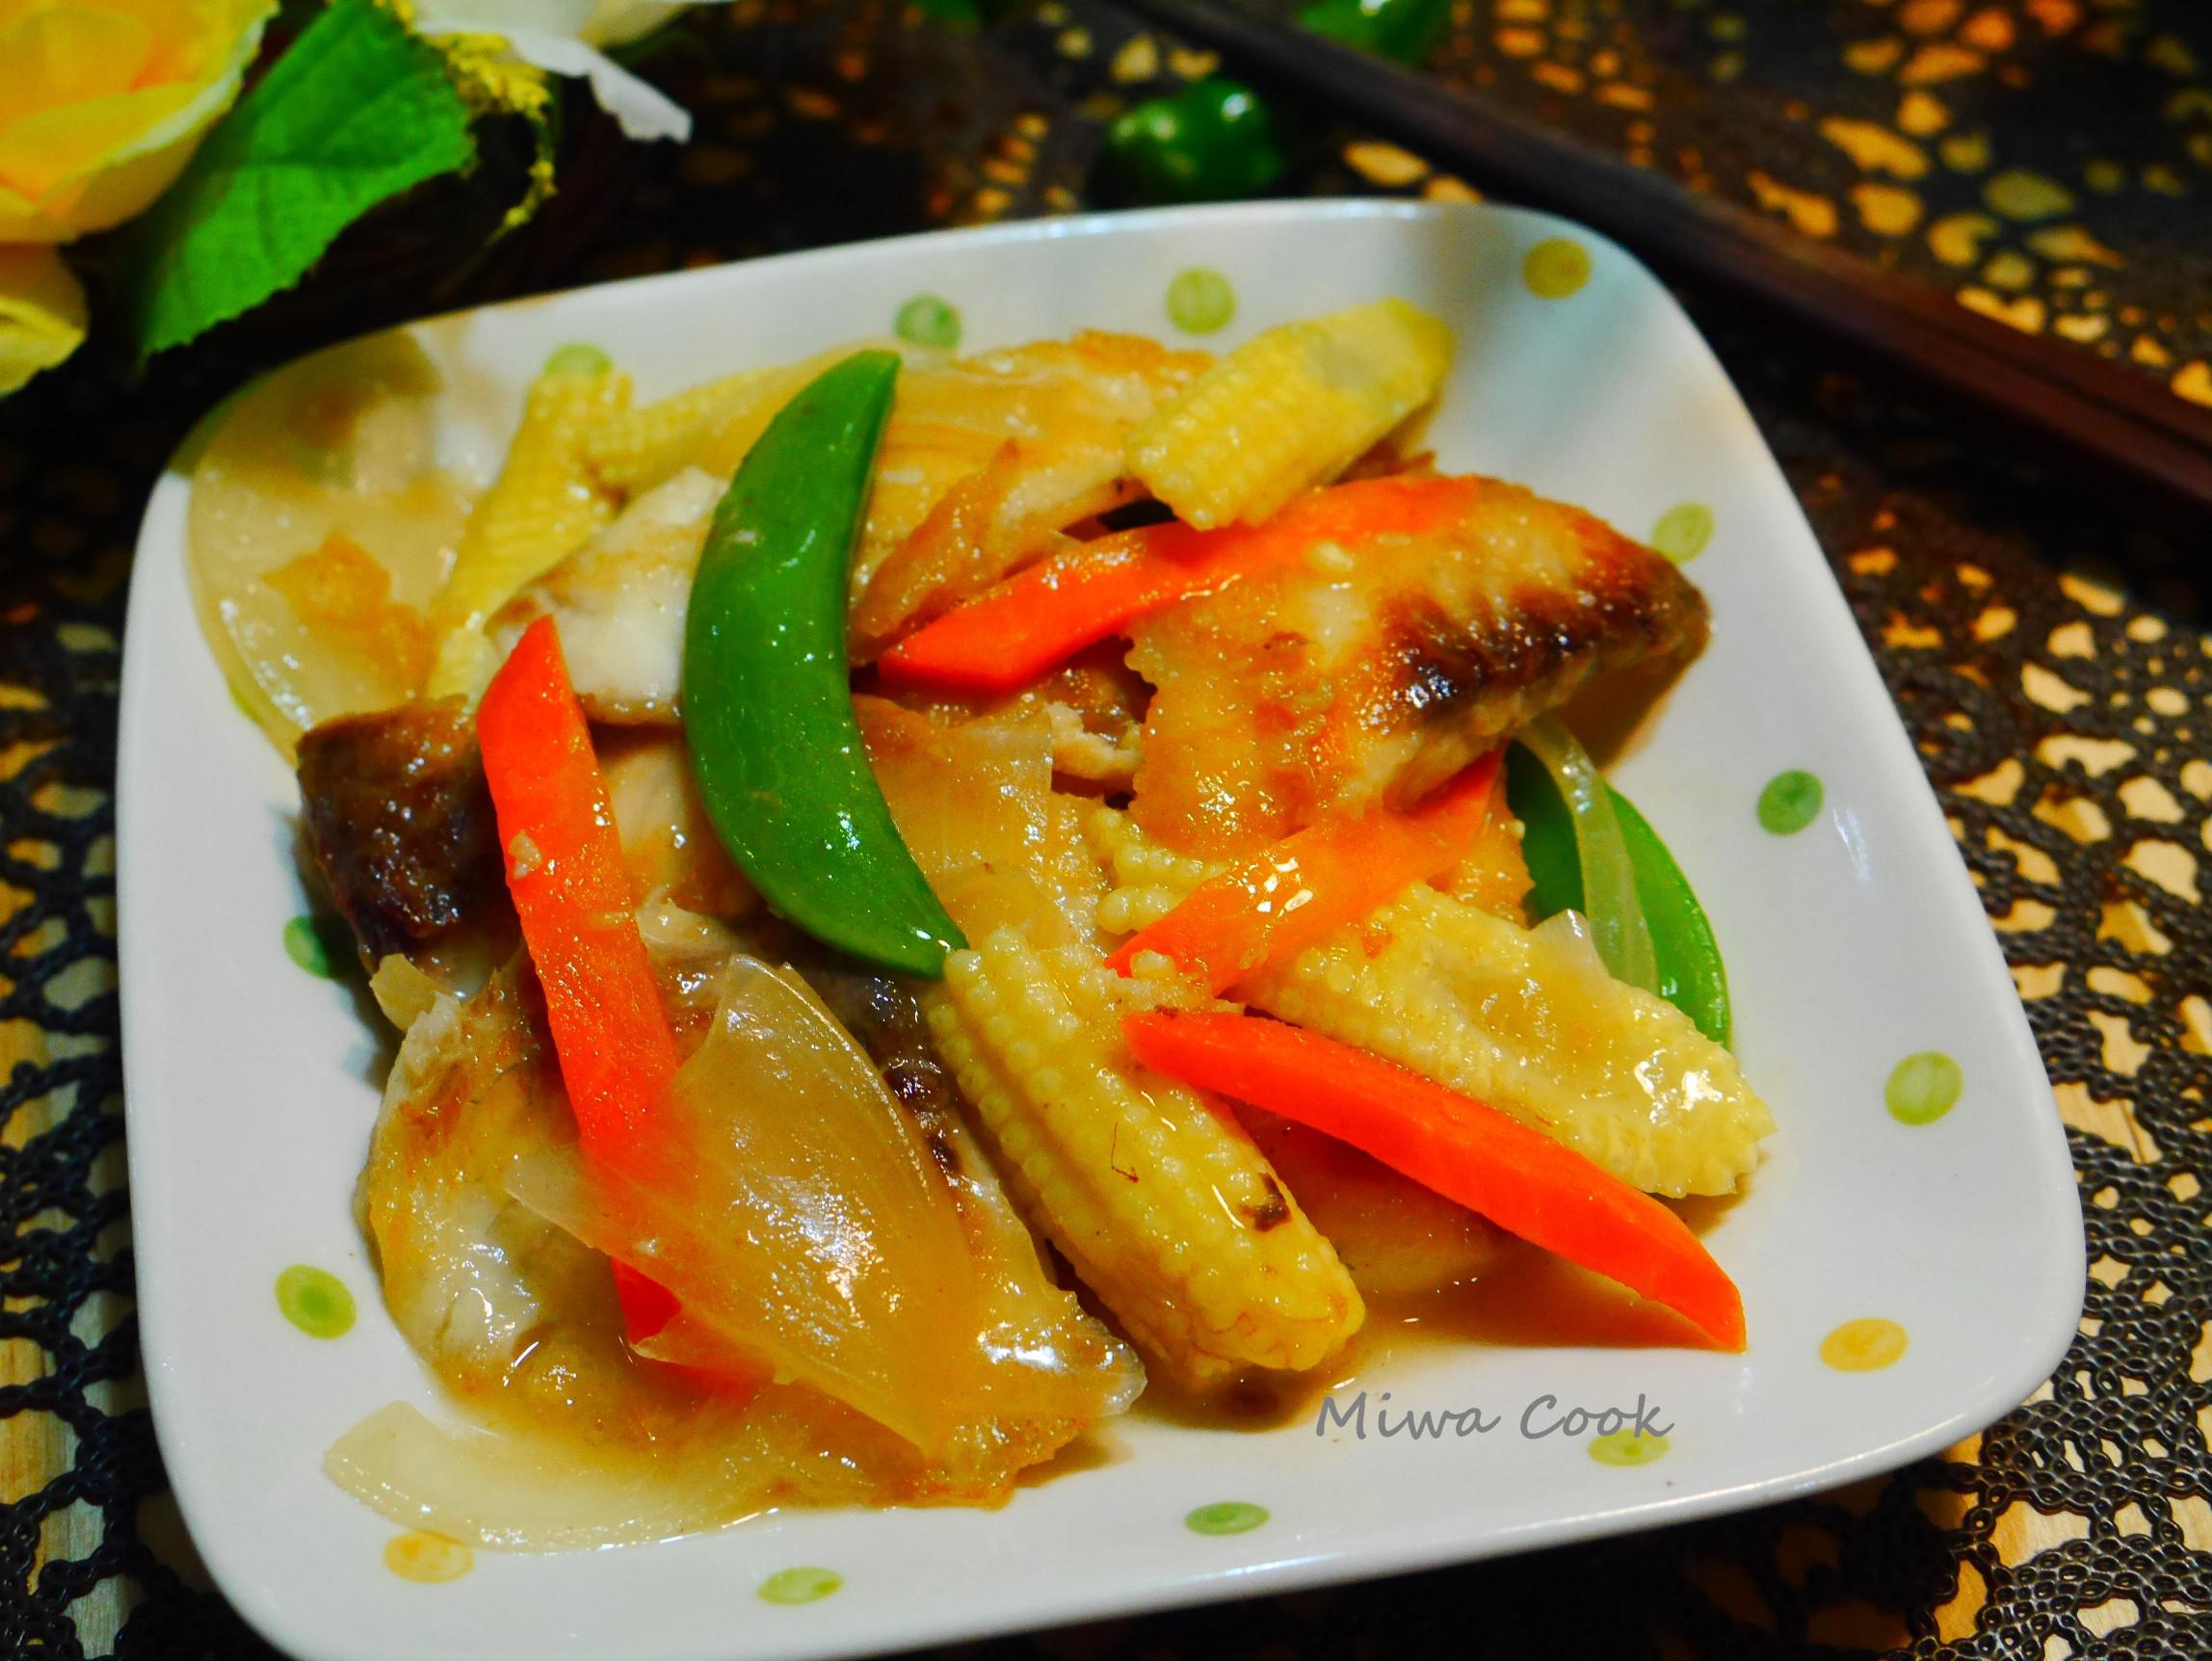 臺灣鯛15分鐘上菜-醋溜魚片